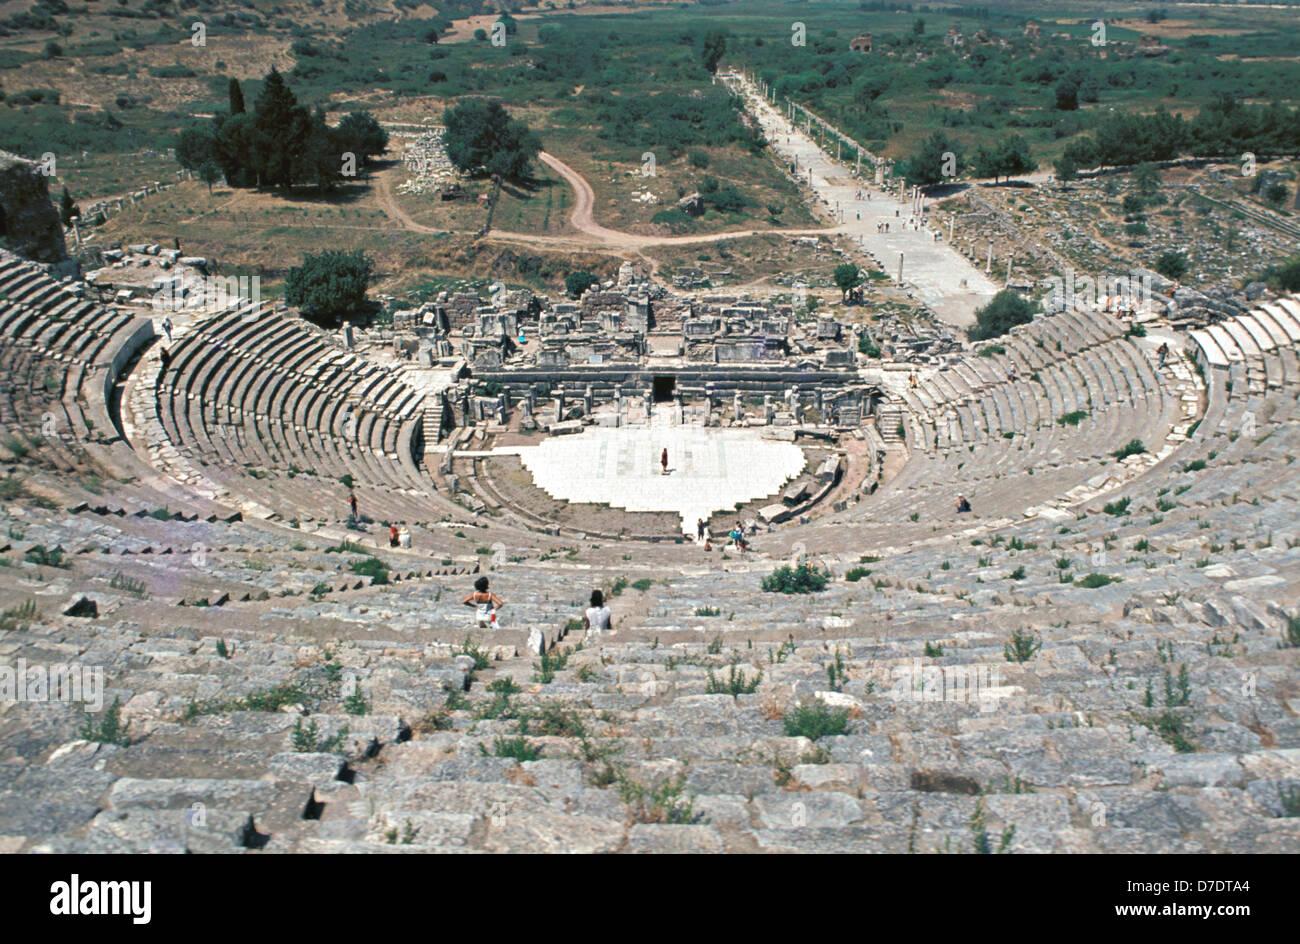 View of Theatre and Horbour street, Ephesus, Izmir, Turkey - Stock Image